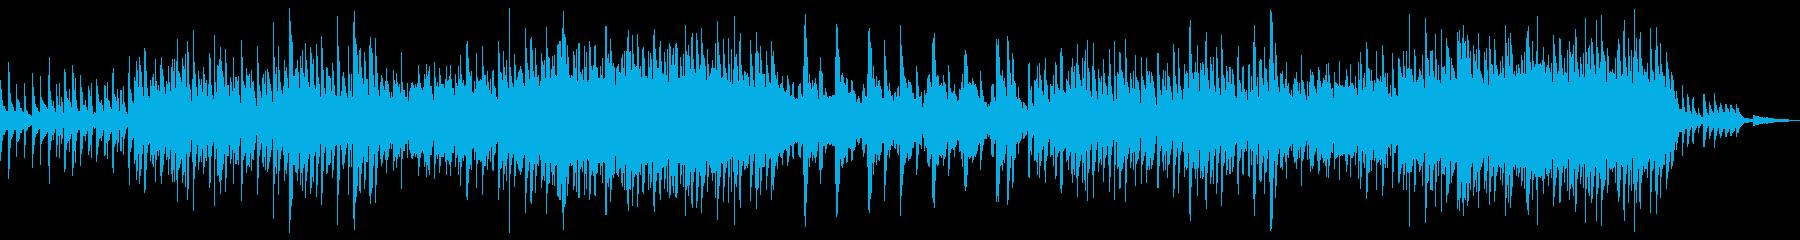 水撥ねるイメージのゆったり優しいBGMの再生済みの波形